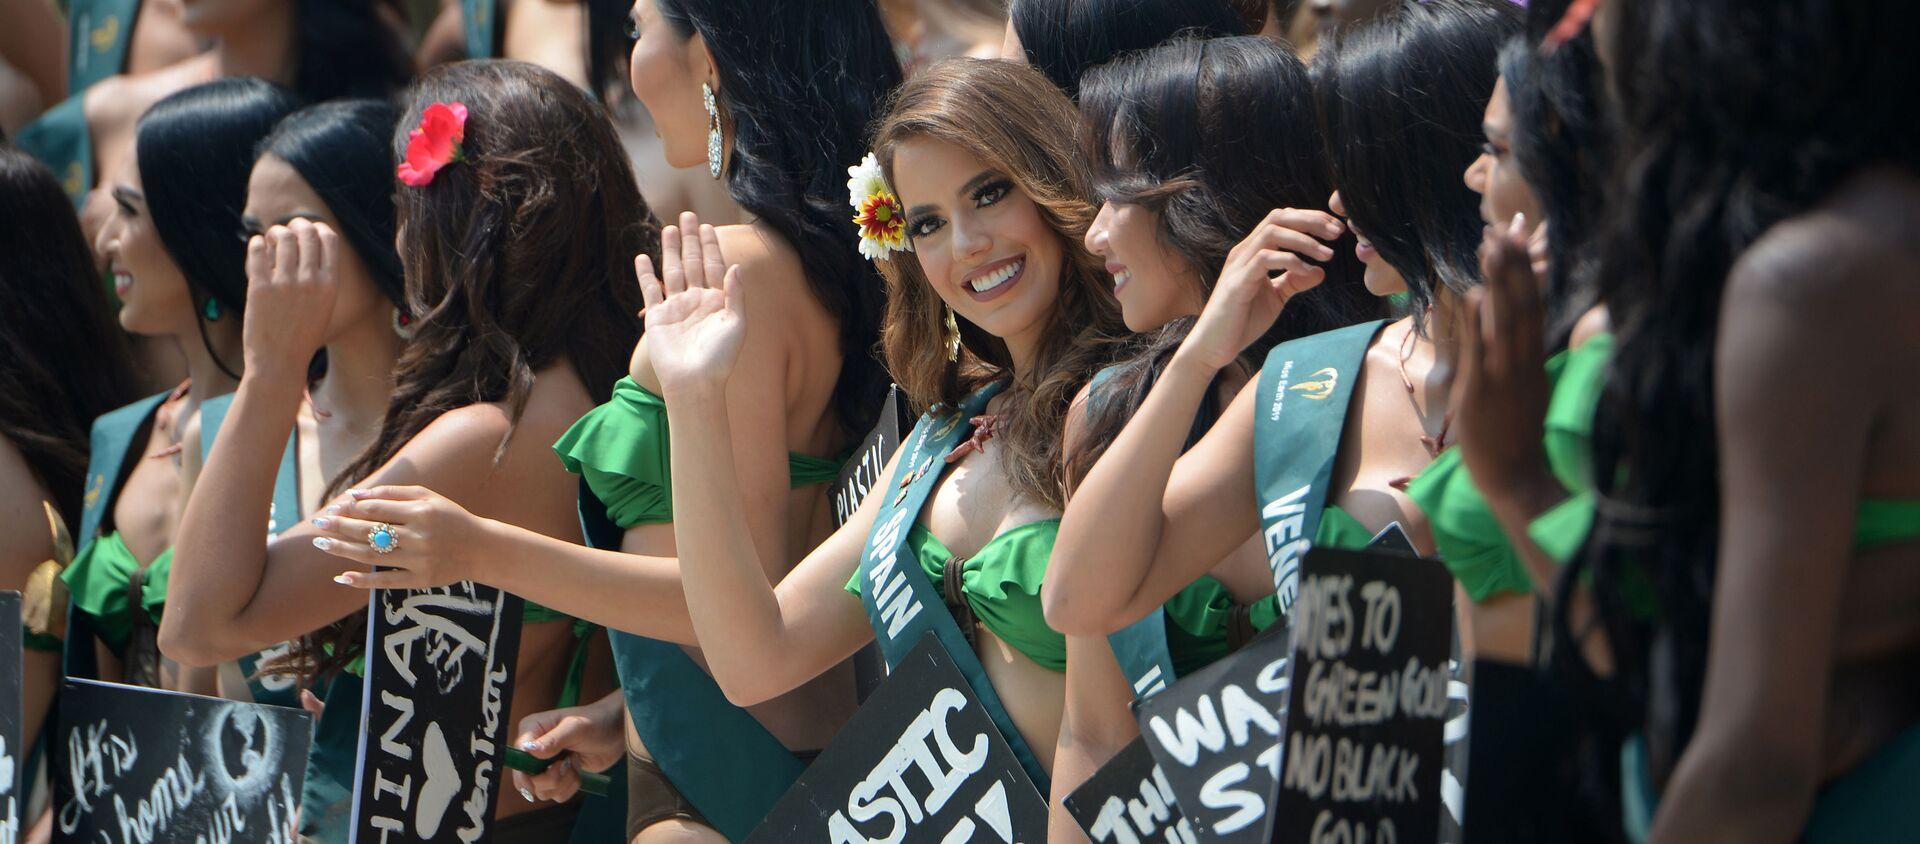 Кандидатки на звание Мисс Земля 2019 на экологической акции на Филиппинах - Sputnik Таджикистан, 1920, 03.09.2020